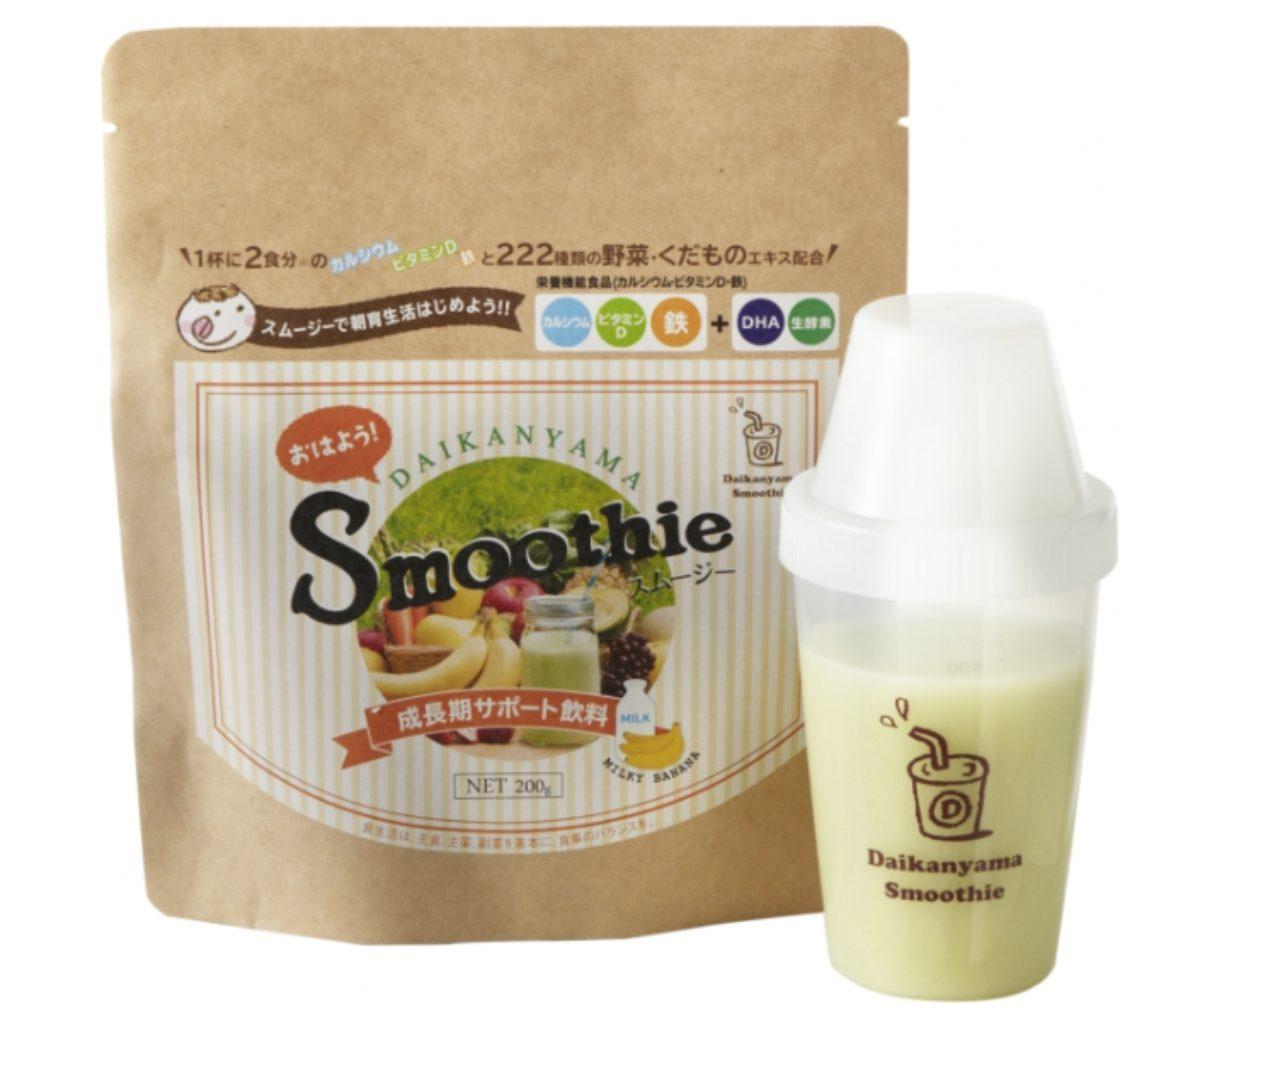 画像3: www.d-smoothie.com